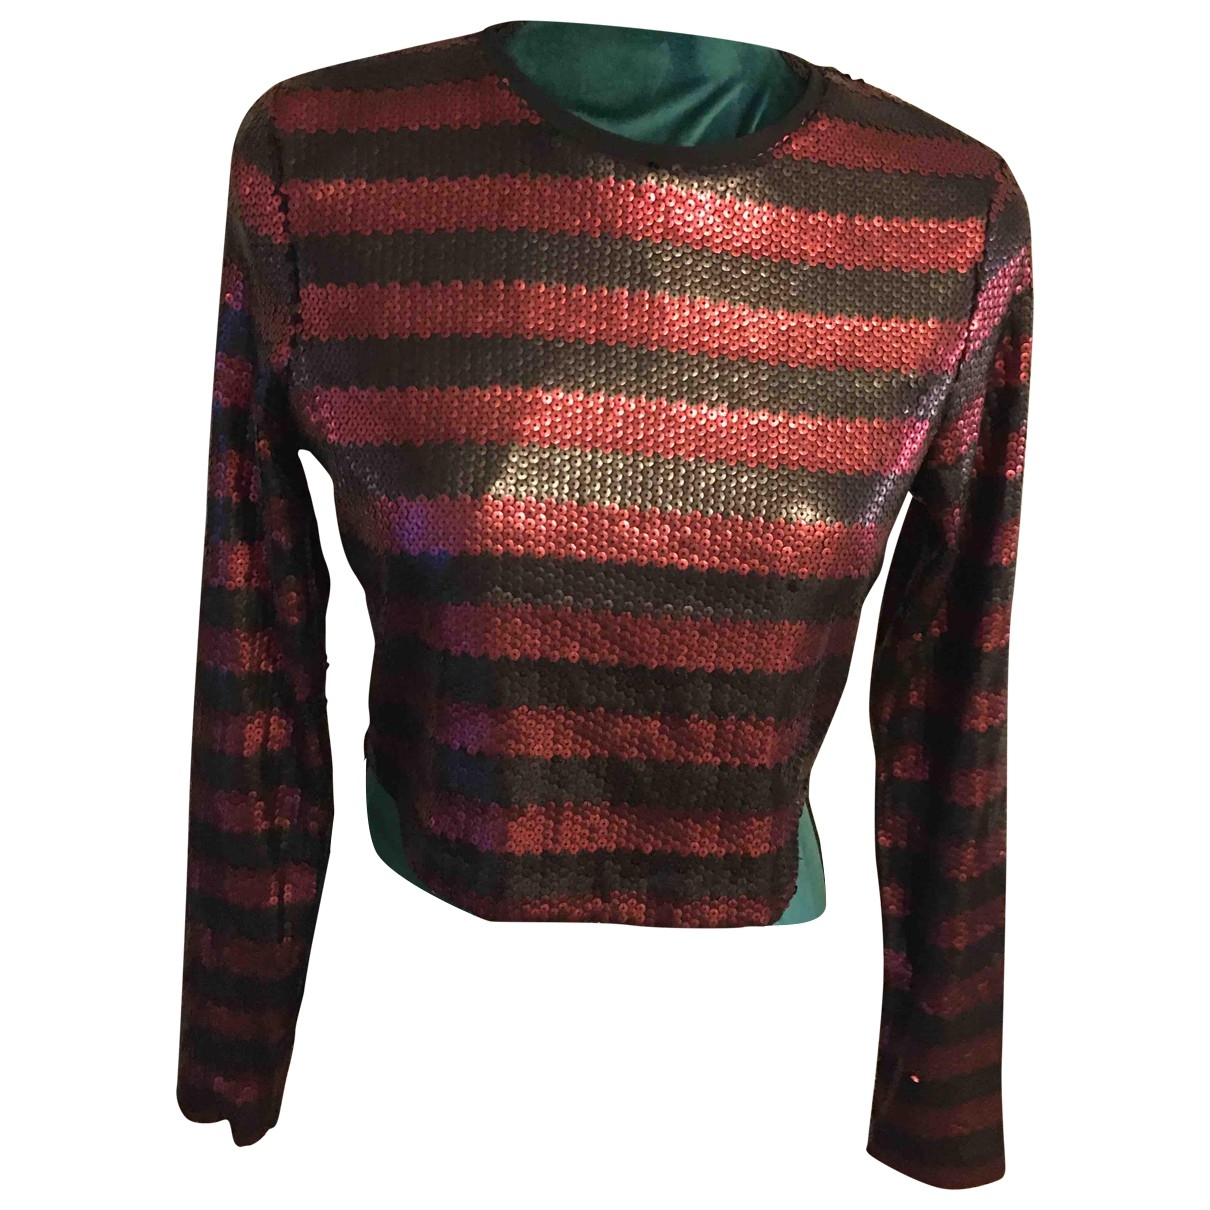 Zara - Top   pour femme en a paillettes - multicolore